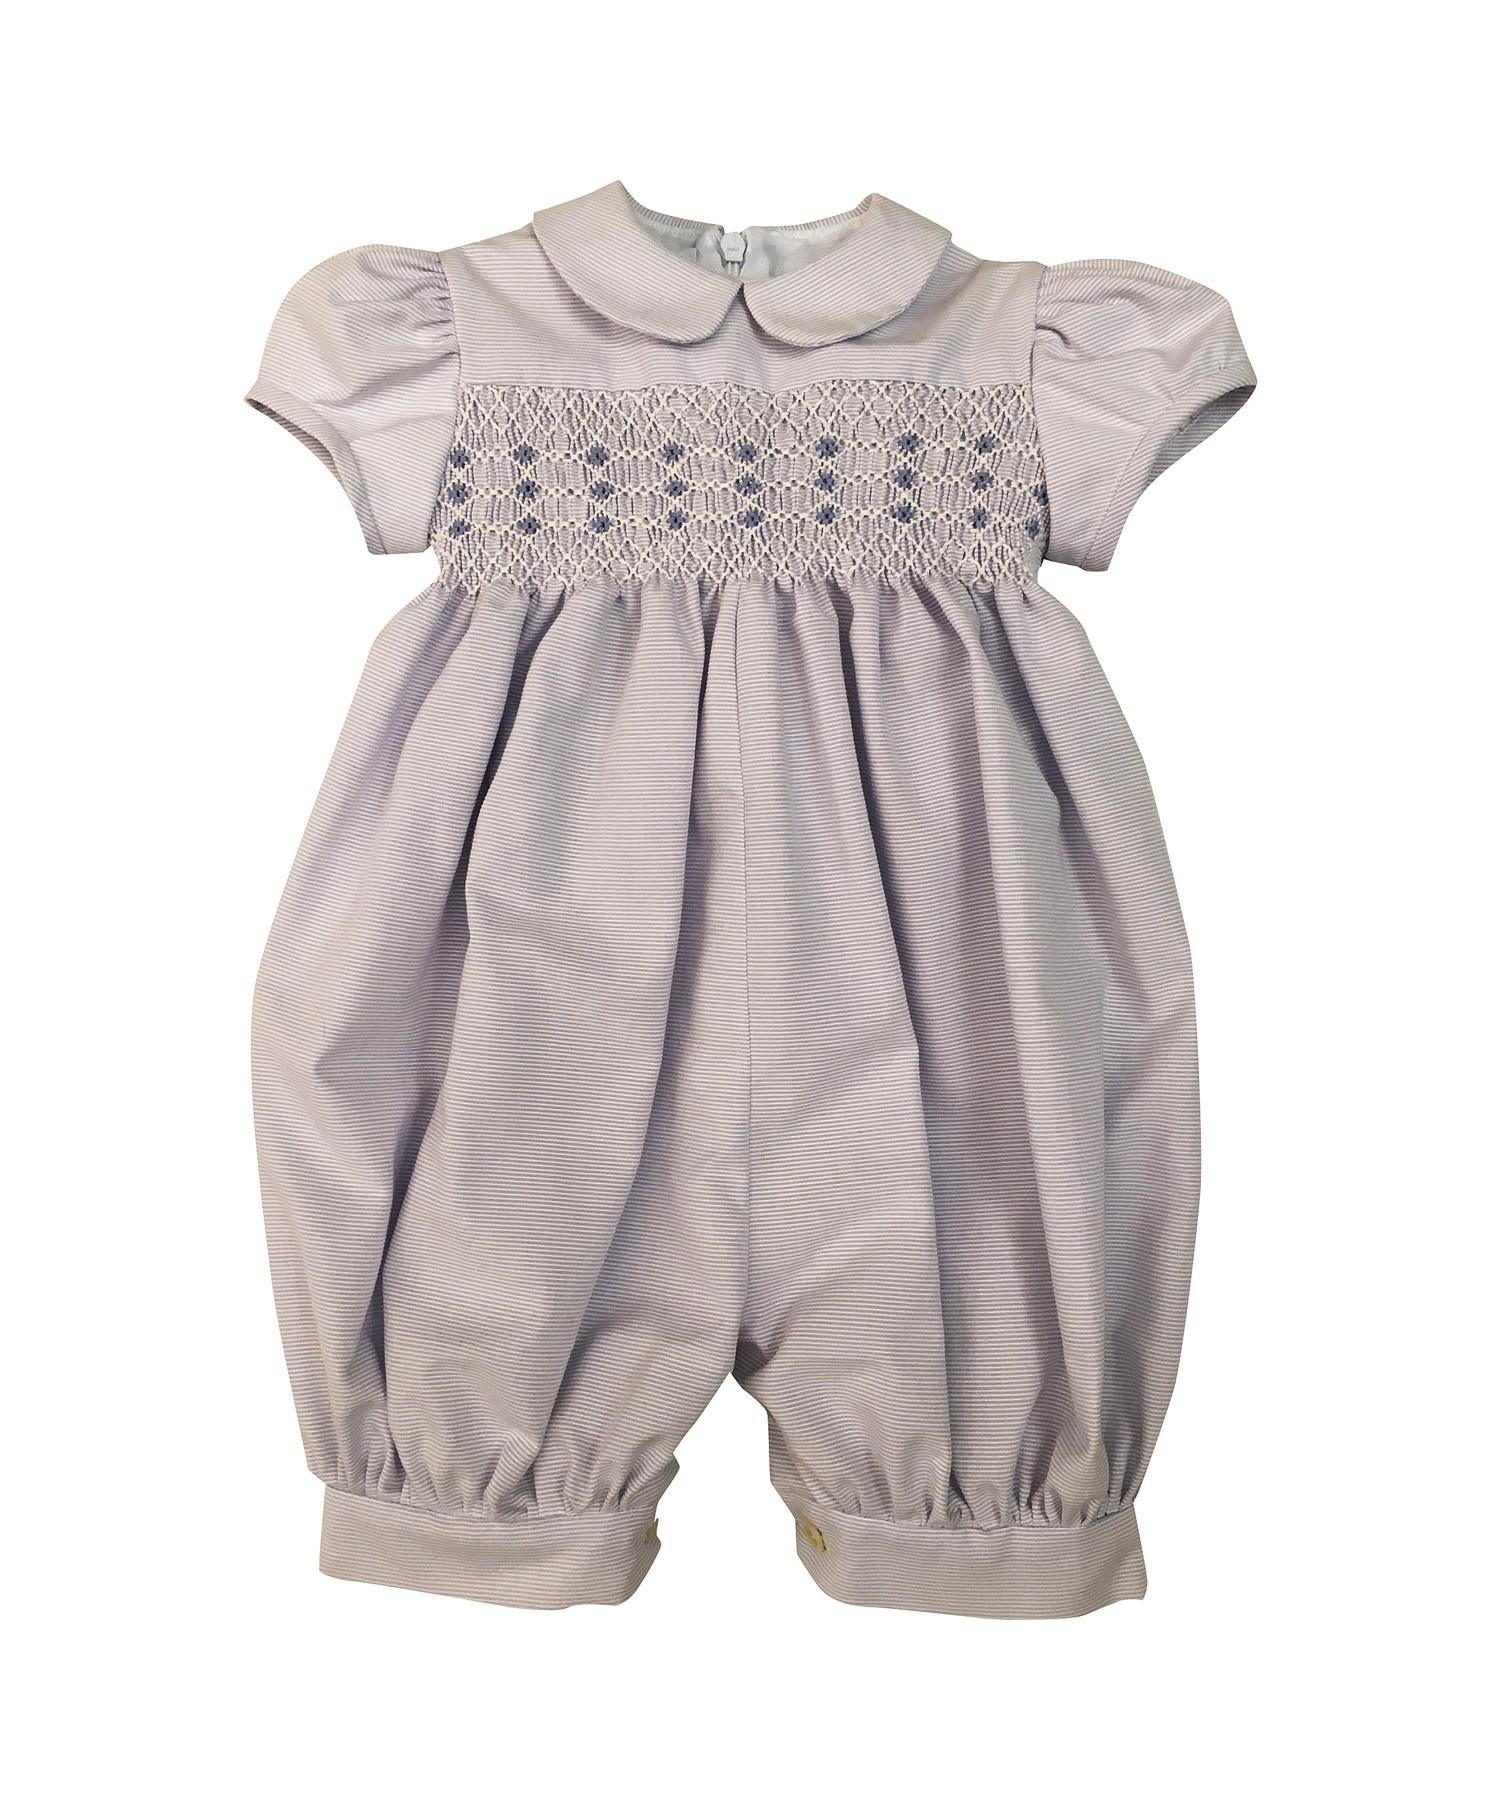 Eccezionale Abbigliamento per neonato e baby - Anichini WT16